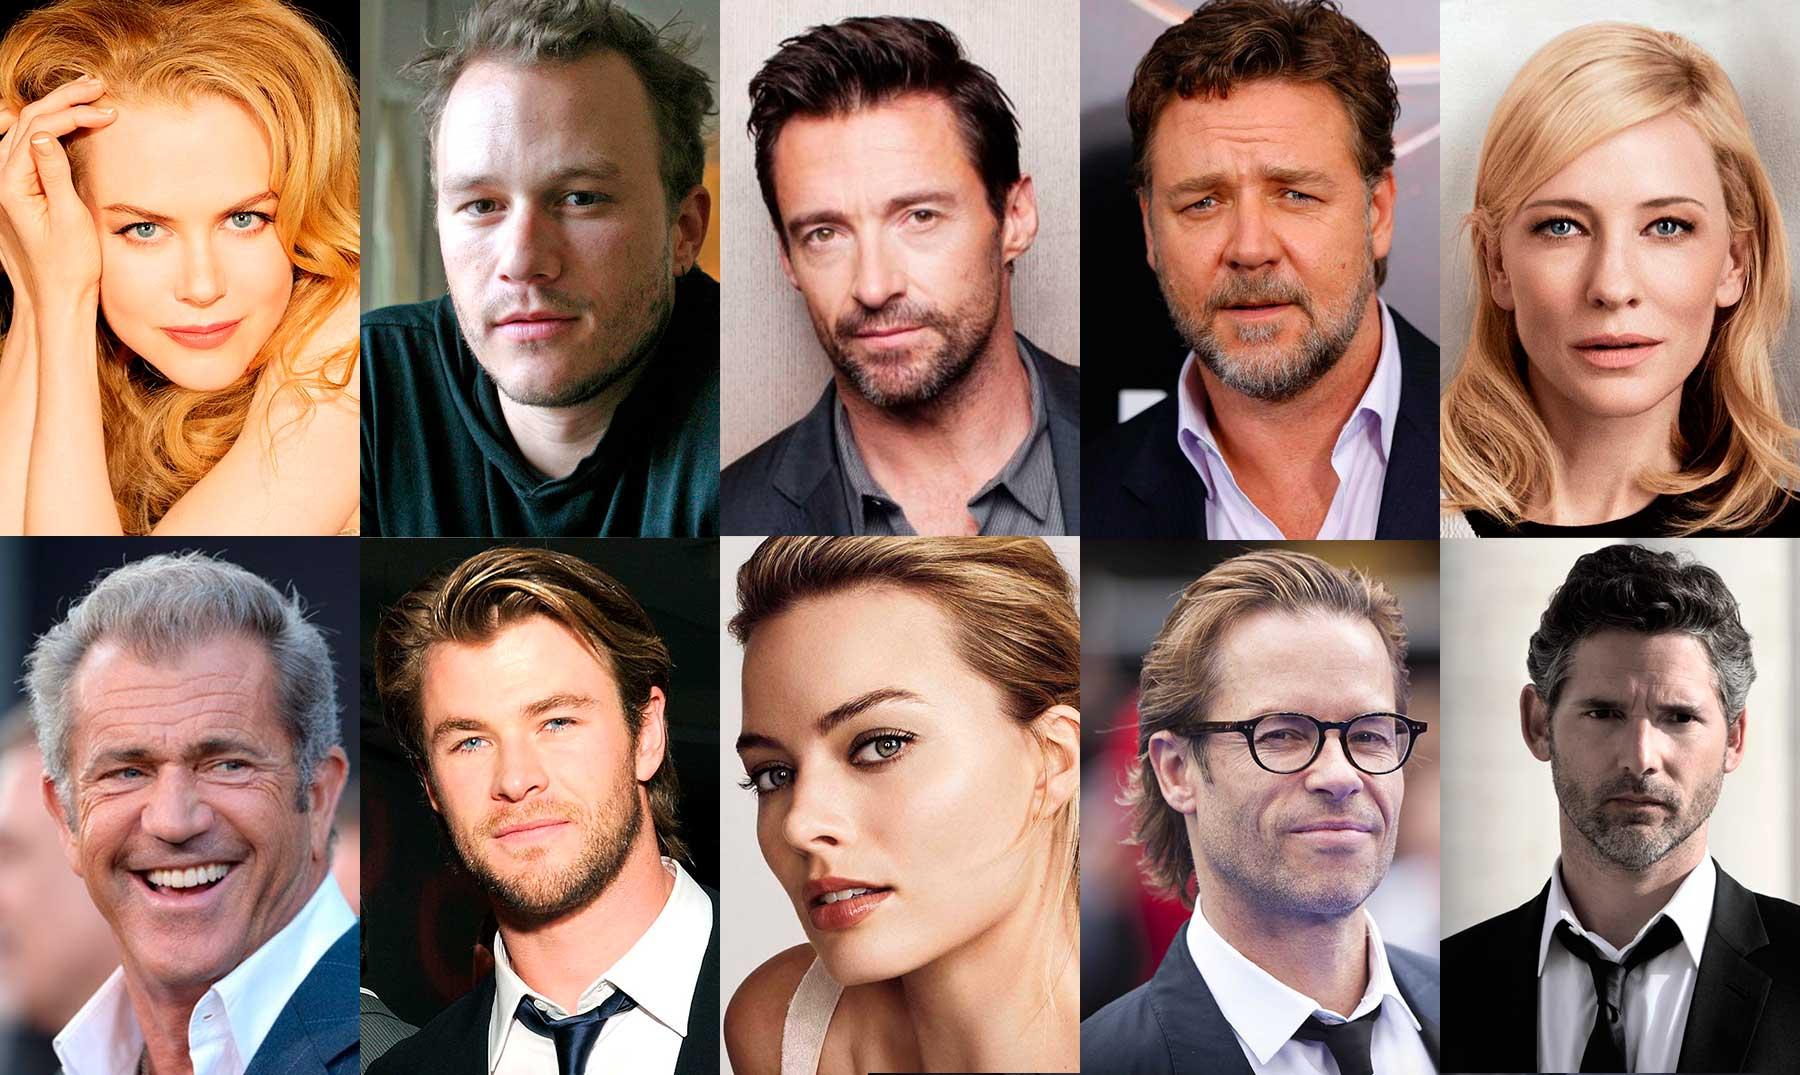 Conoce Los 10 Actores Australianos Más Famosos De Hollywood